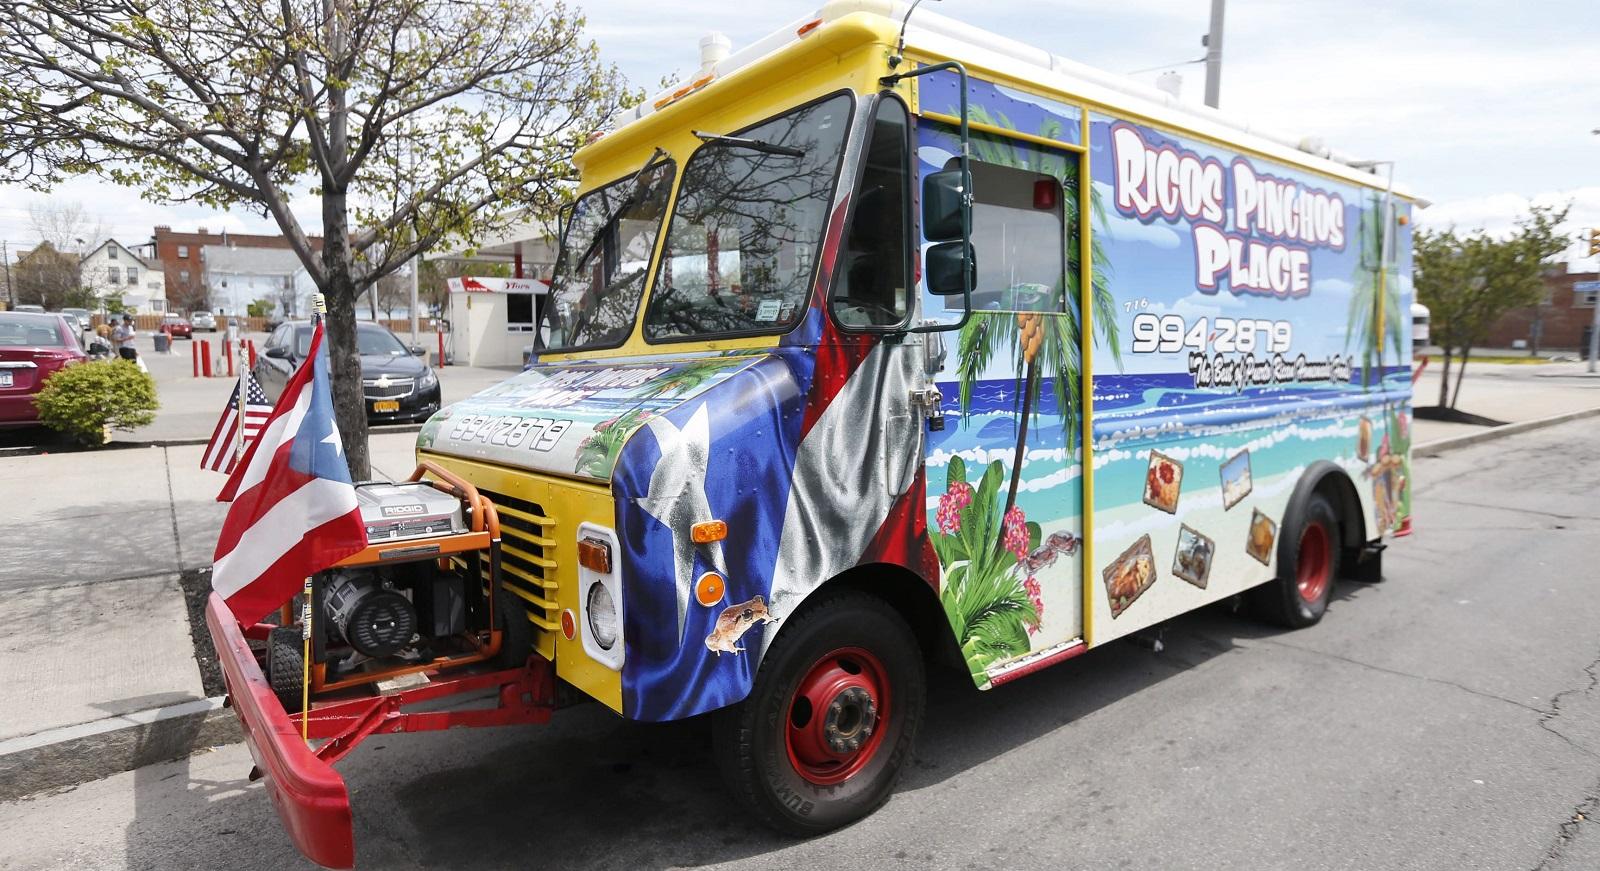 Ricos Pinchos Place food truck. (Robert Kirkham/Buffalo News)